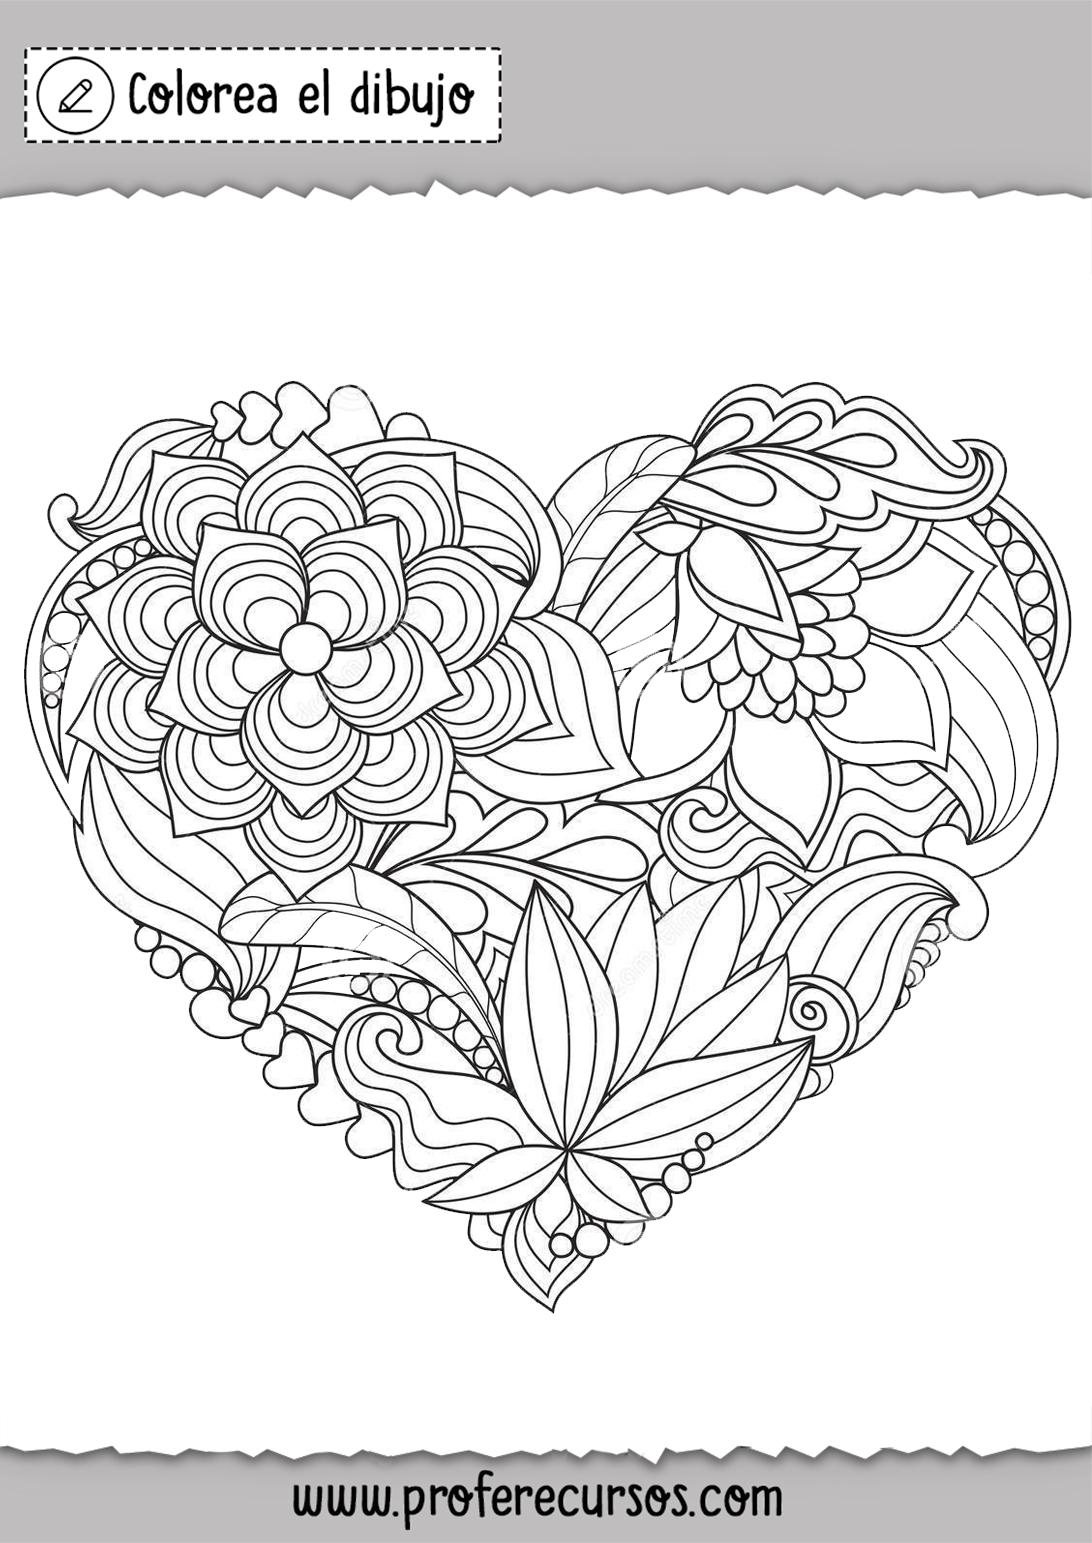 Dibujo Corazon de Flores para Colorear